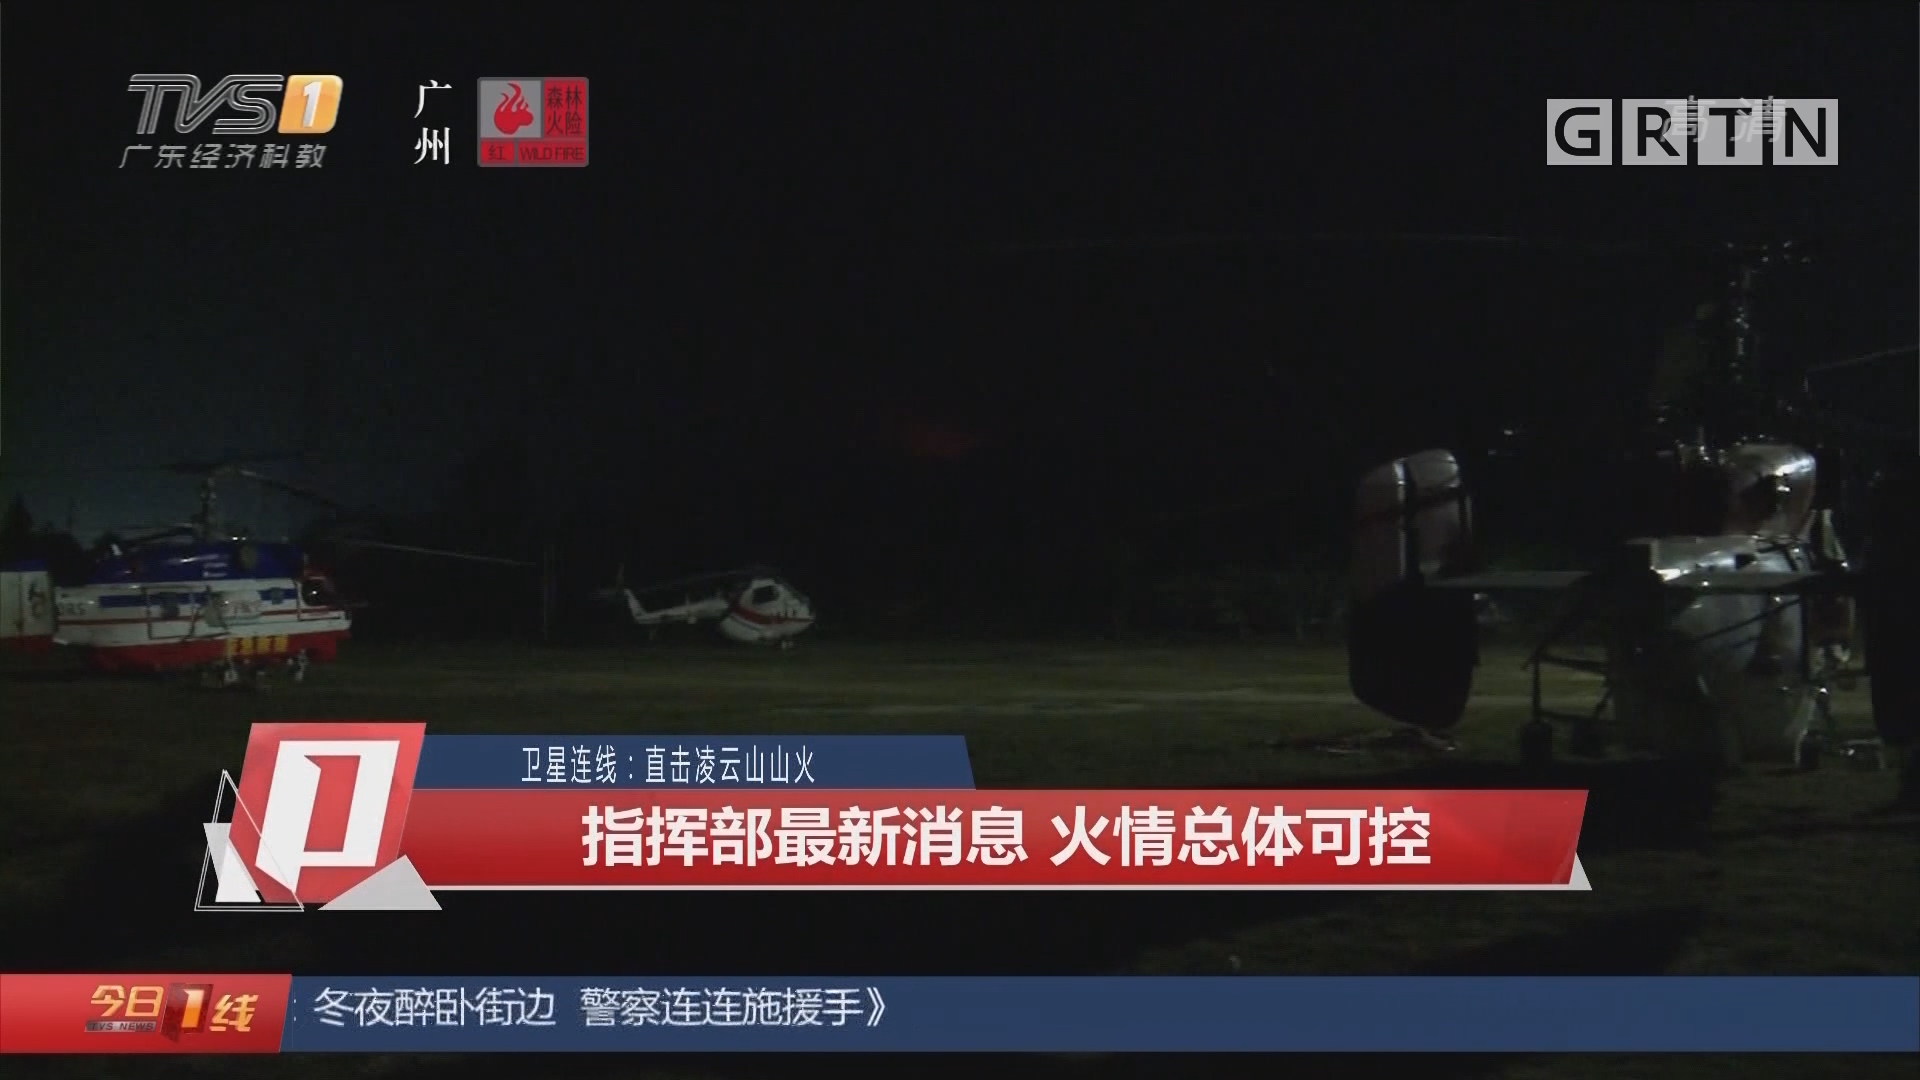 卫星连线:直击凌云山山火 指挥部最新消息 火情总体可控